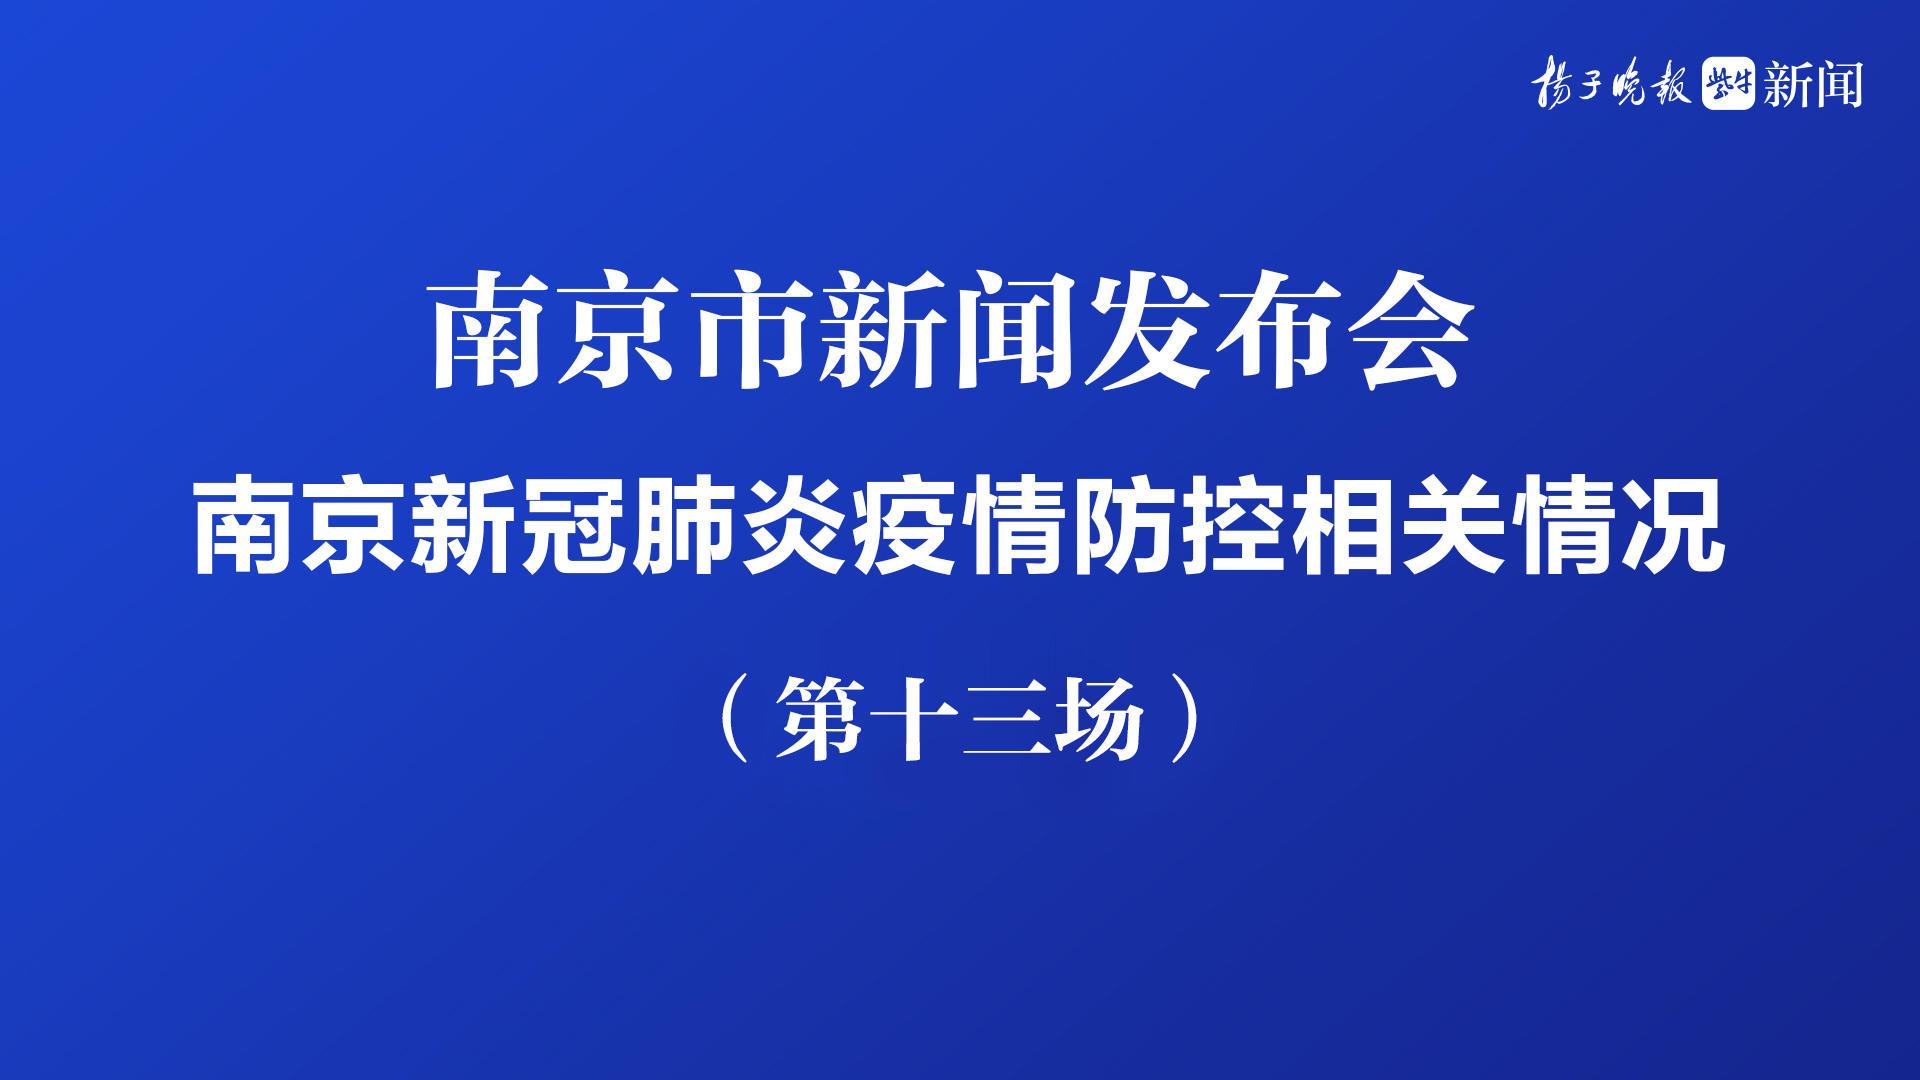 直播 南京召开新闻发布会,通报疫情防控最新情况(第十三场)